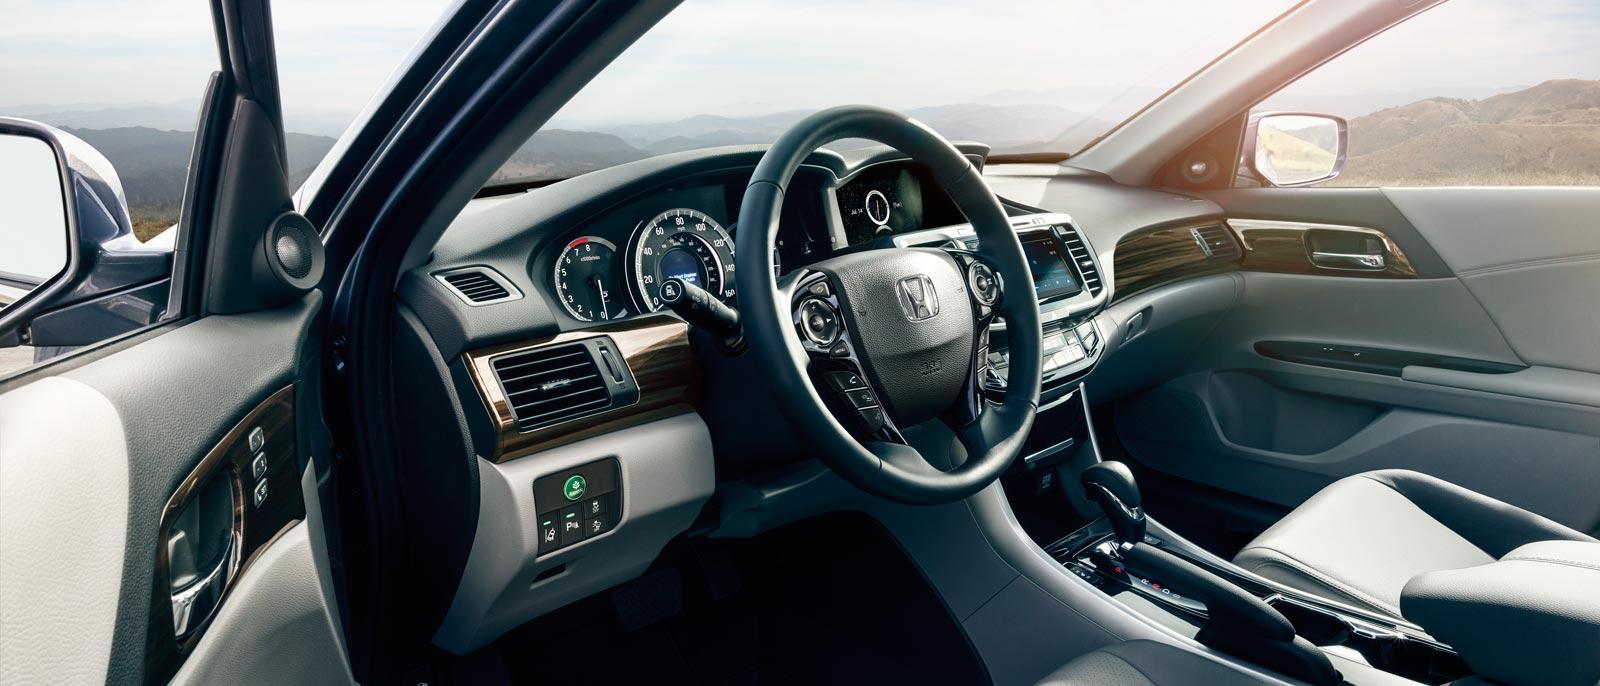 2016 Honda Accord Front Interior